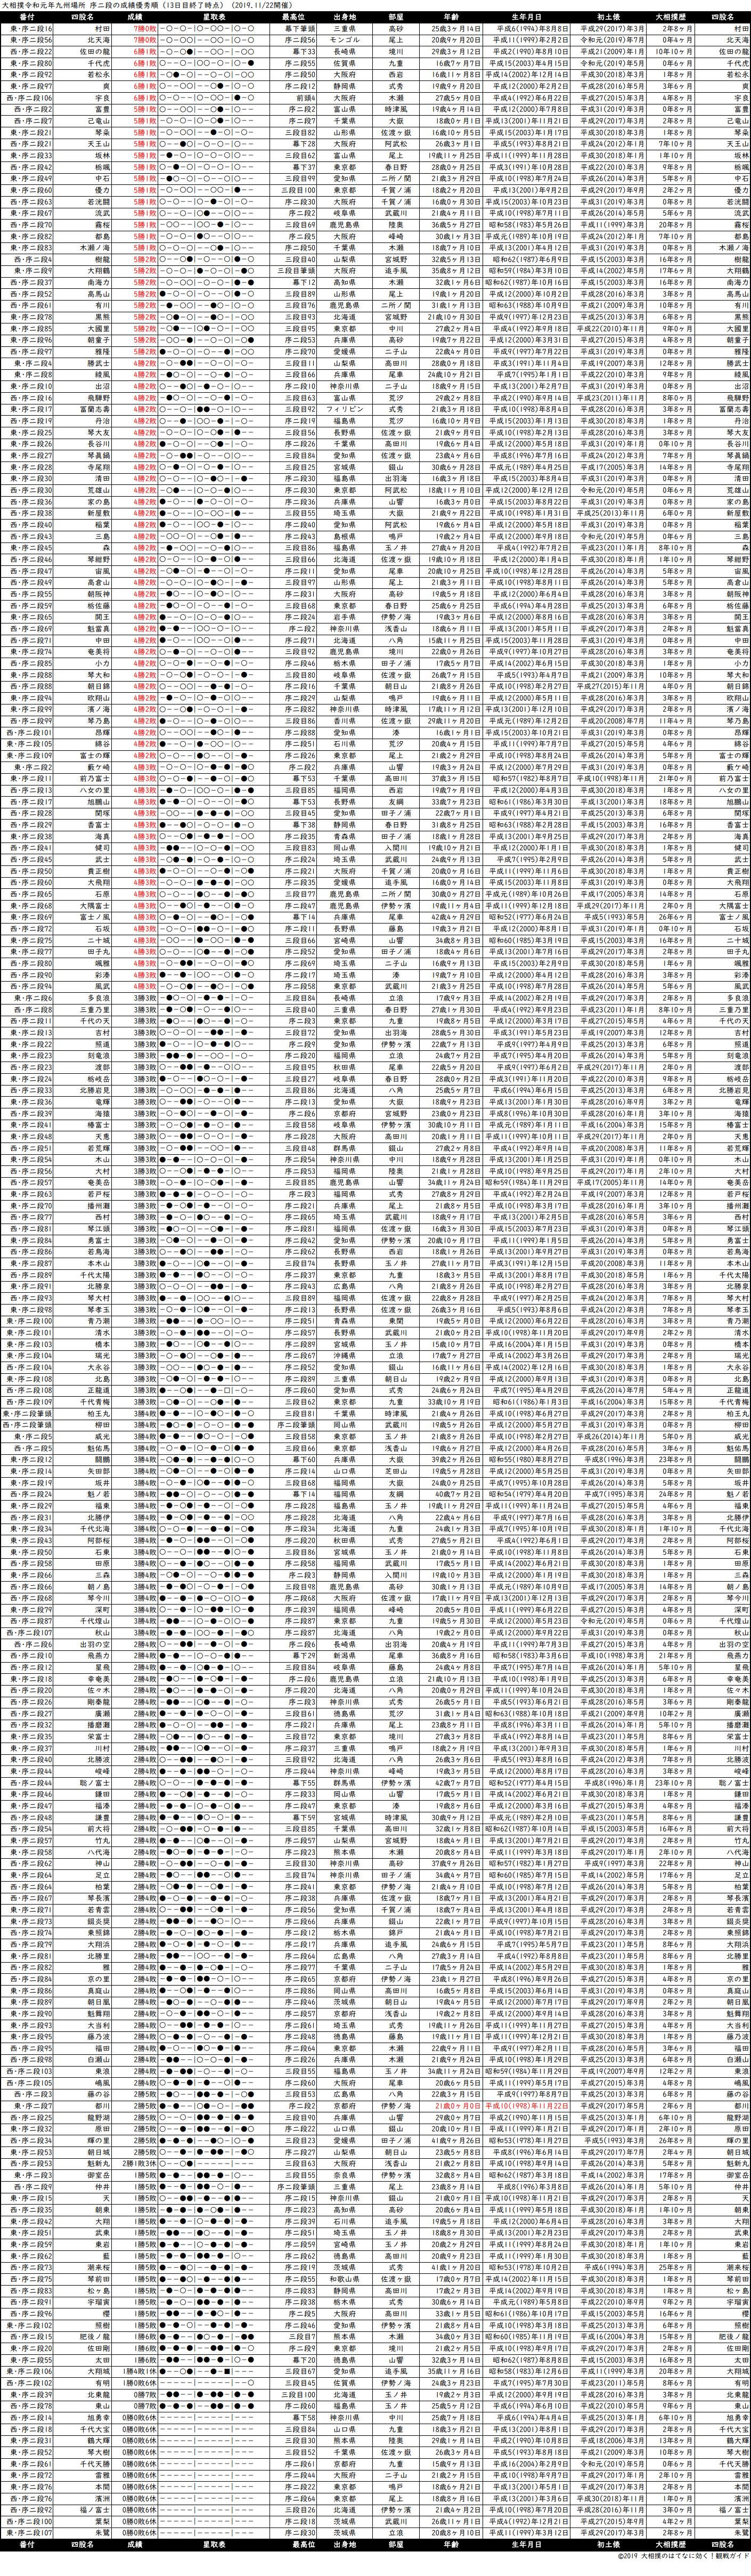 序二段成績順一覧表・2019年11月場所13日目